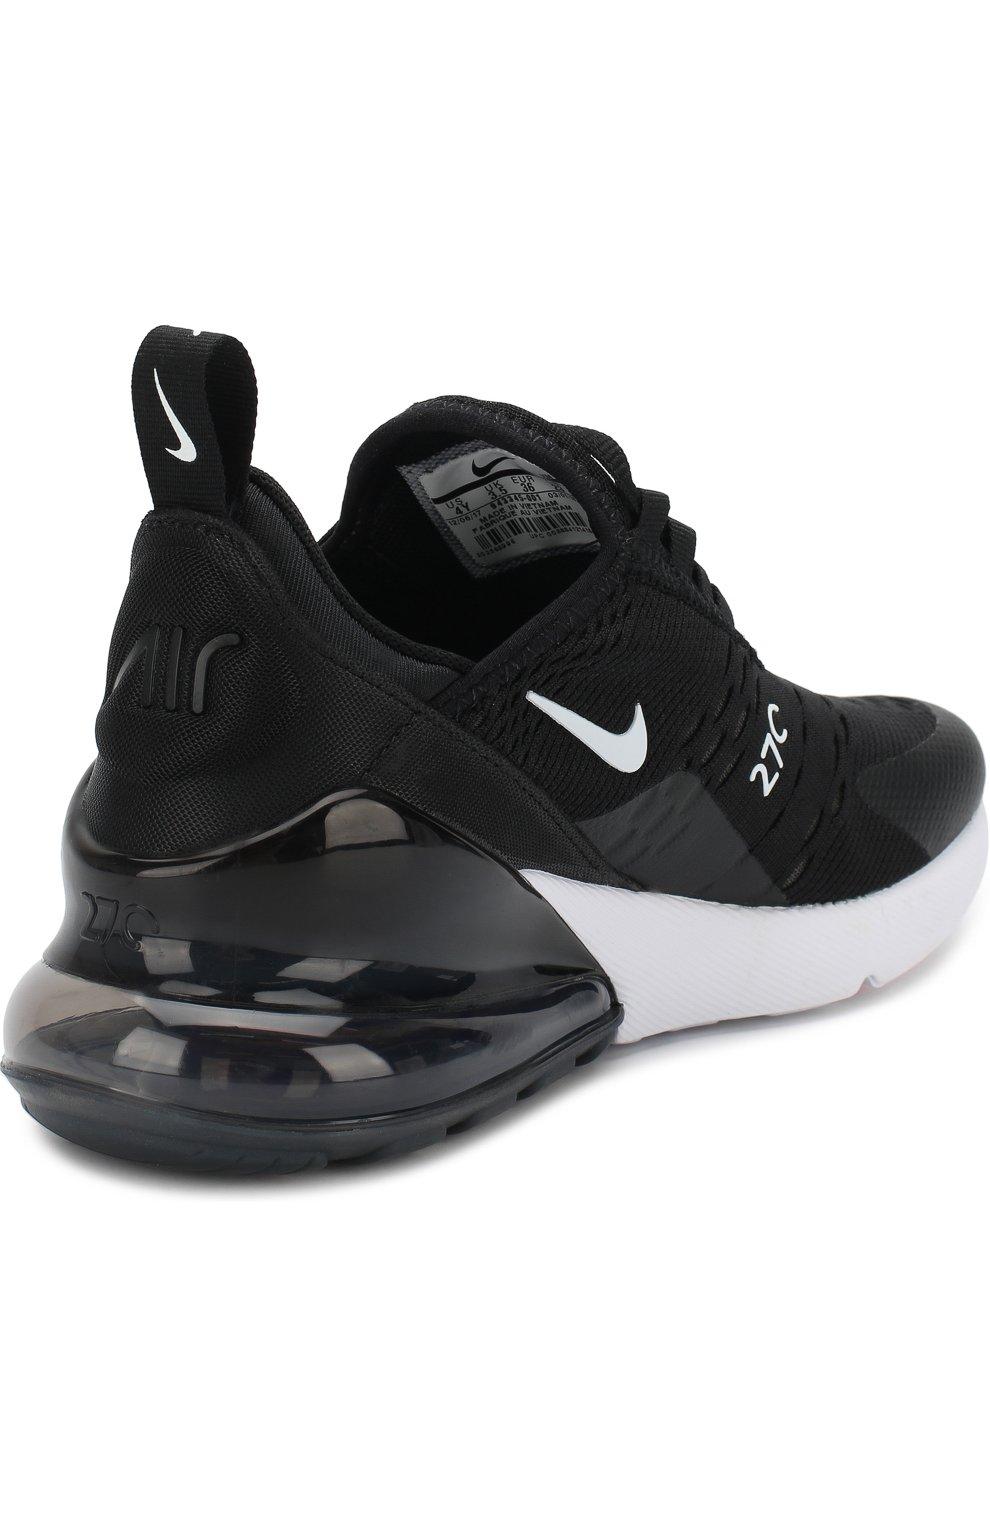 ffdff197 Детские кроссовки nike air max 270 NIKE черно-белого цвета — купить ...